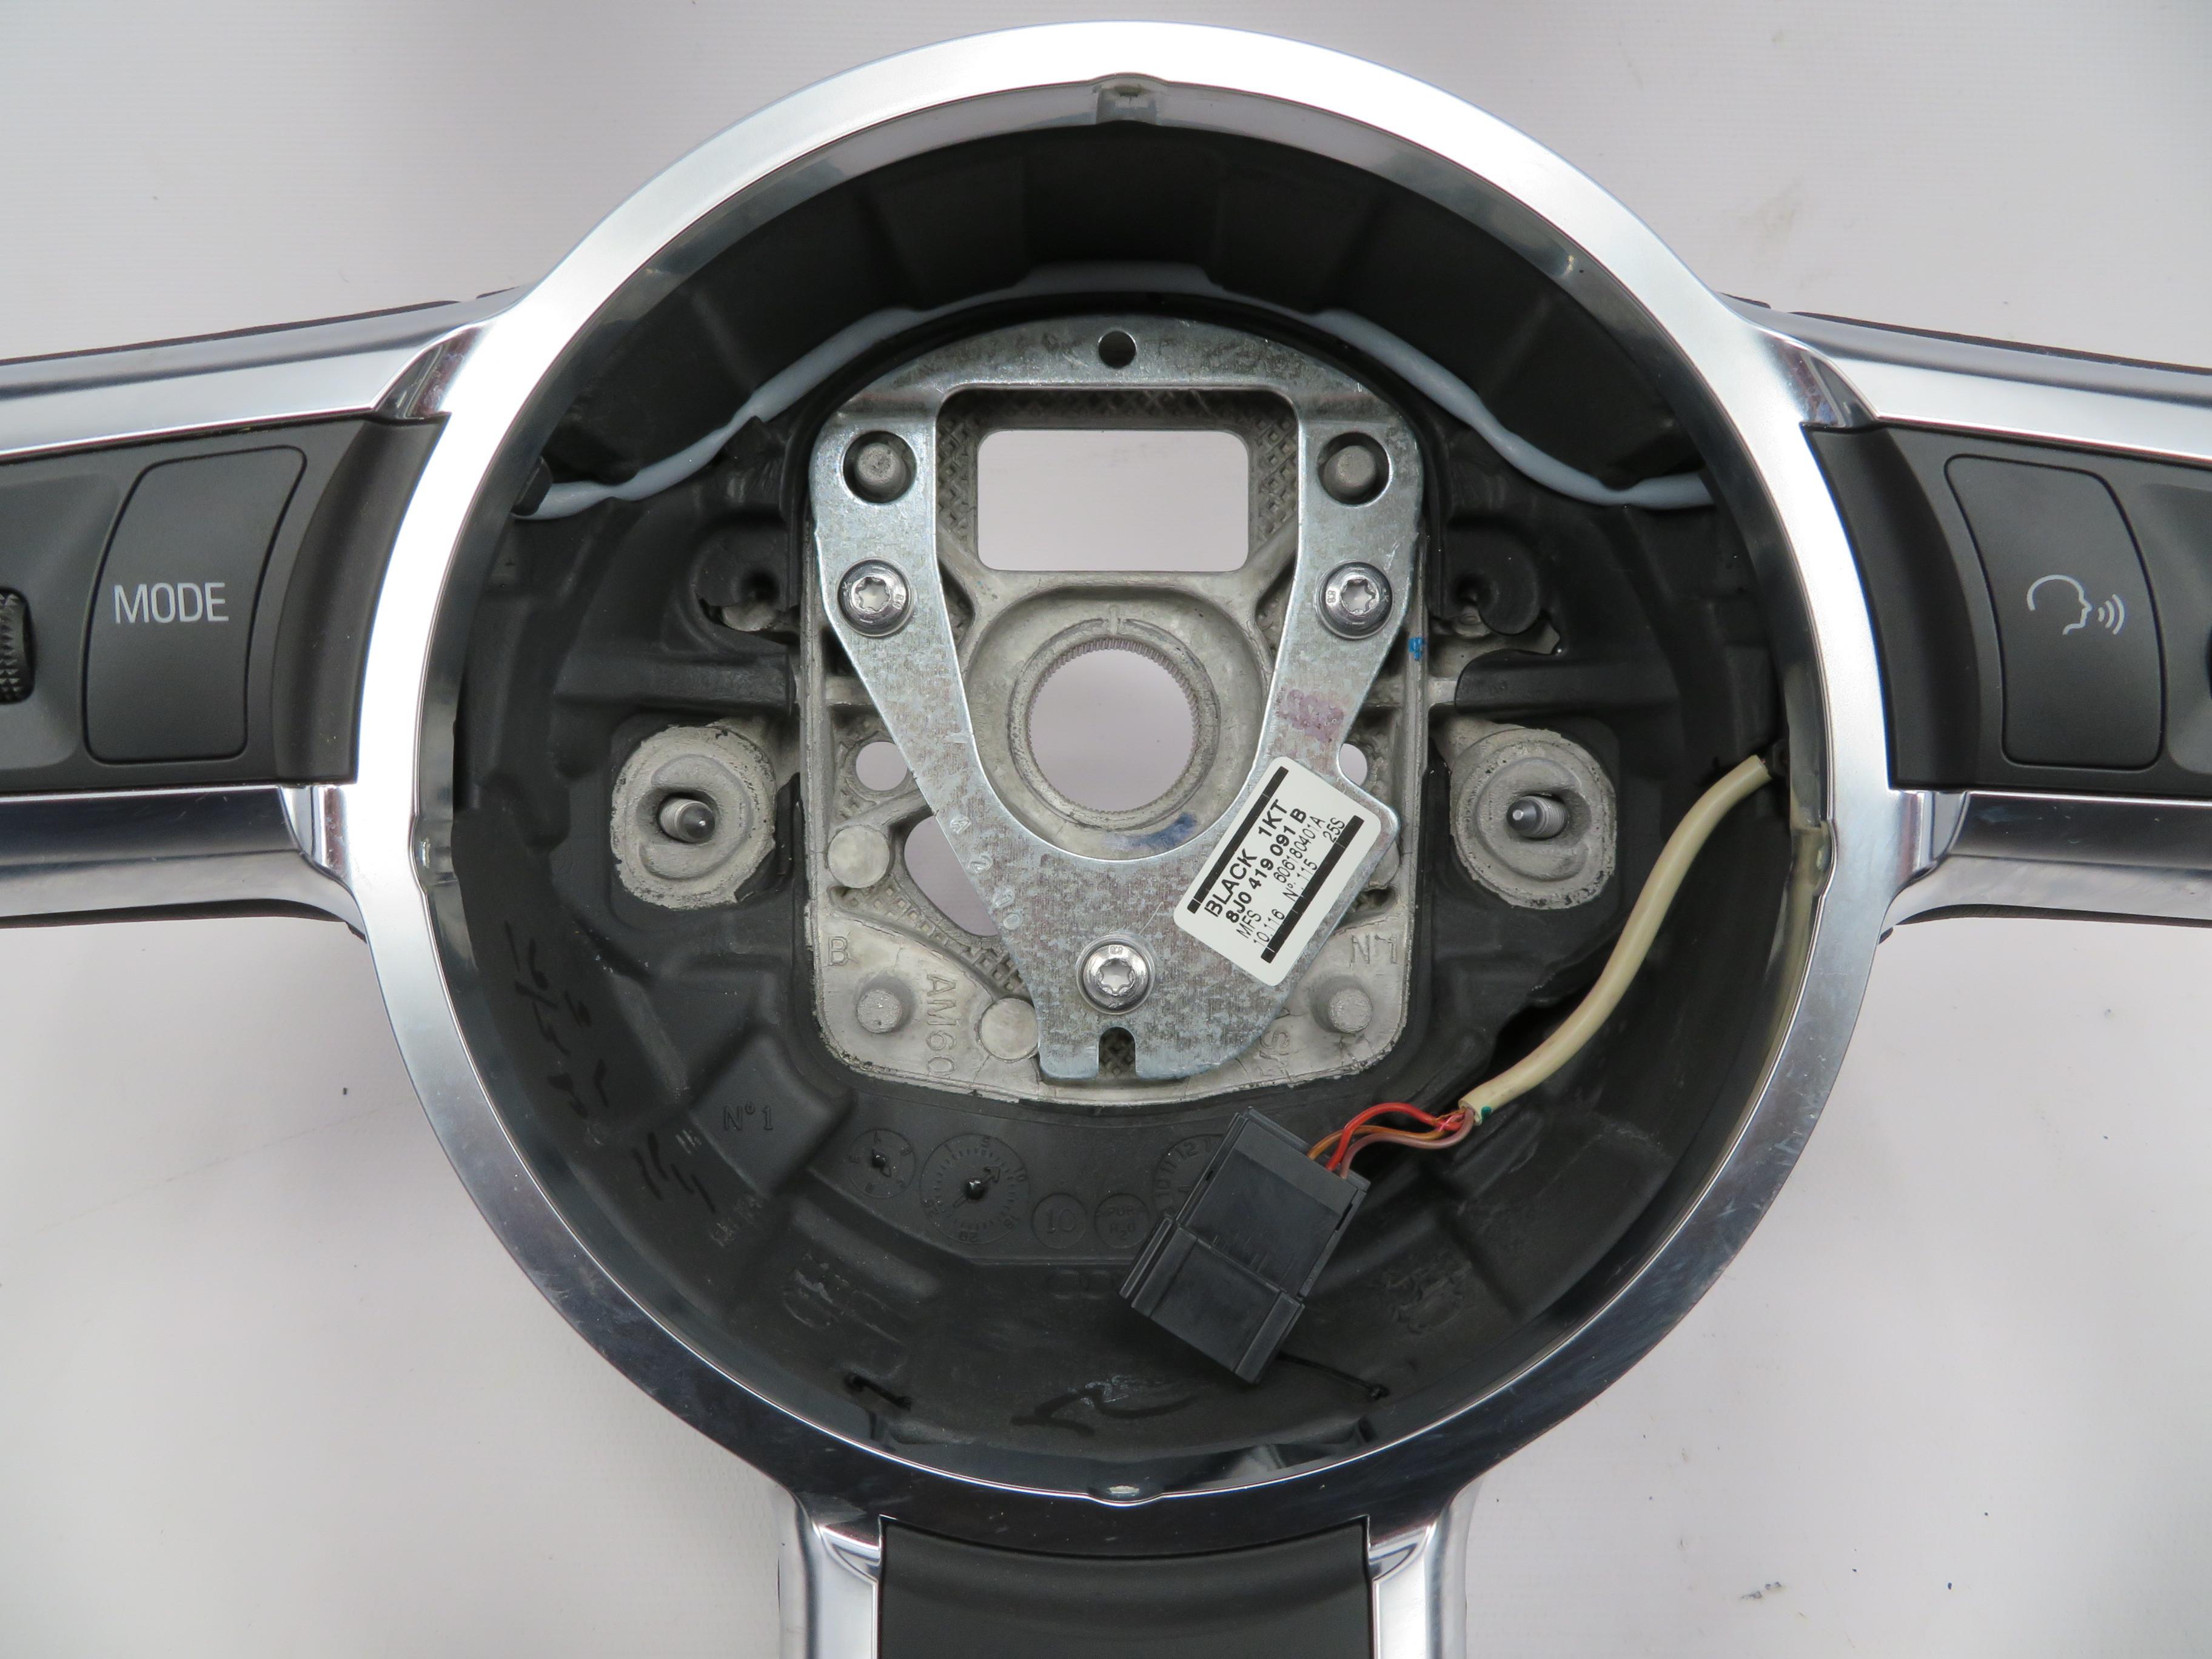 2011 Audi R8 V10 Tt 1068 Sport Leather Steering Wheel Flat Bottom